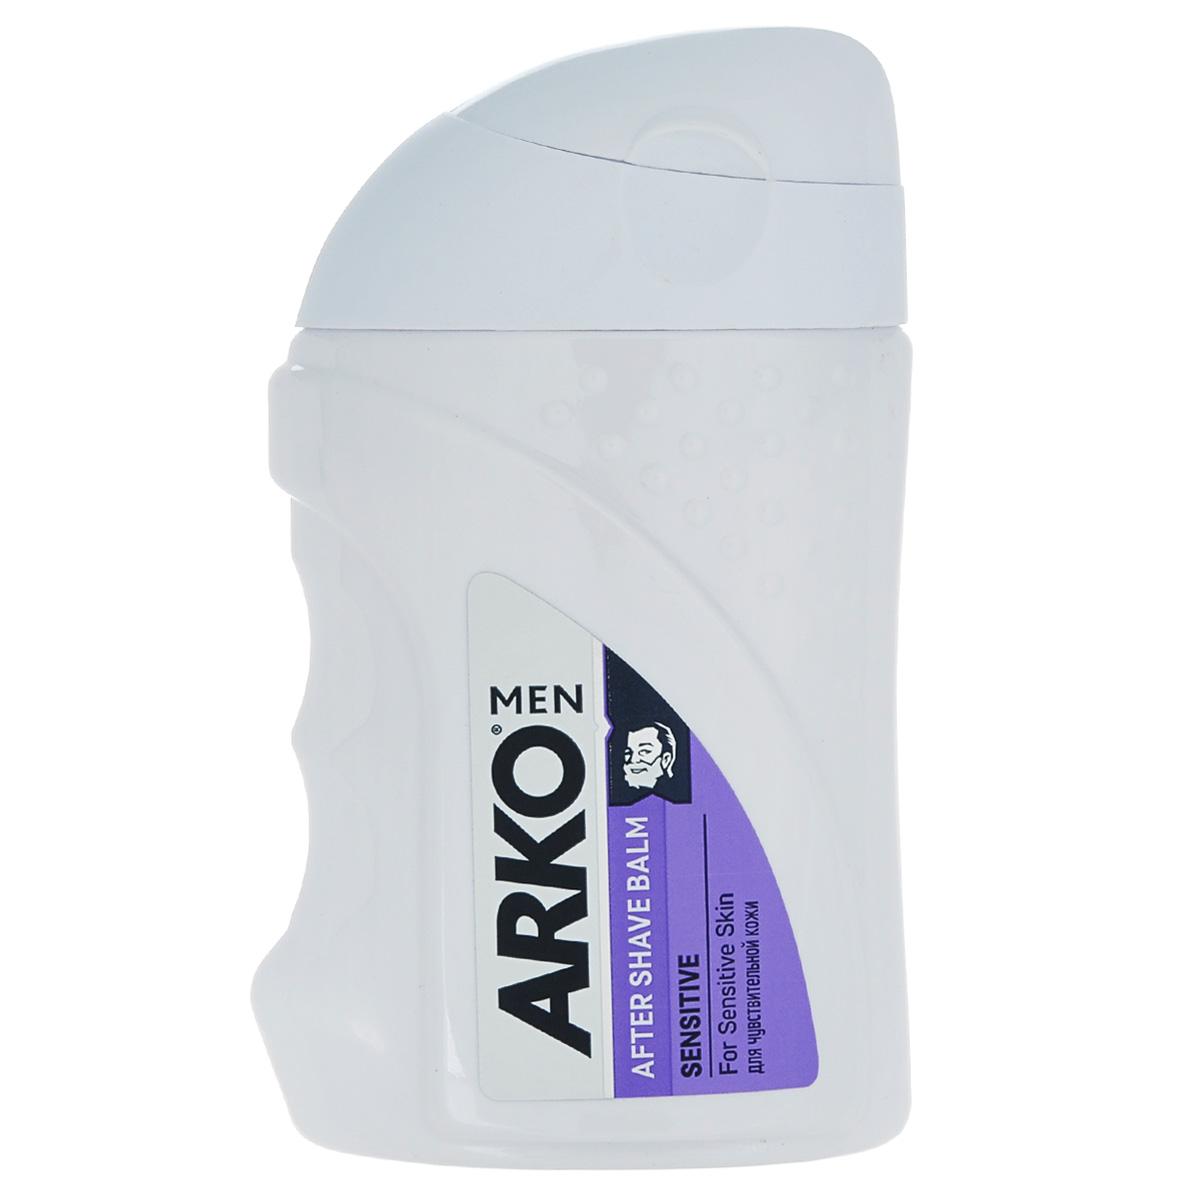 Arko MEN Бальзам после бритья Sensitive 150мл800537572защищает Вашу кожу от эффекта сухости, вызванного бритьем и оставляет долгое ощущение комфорта